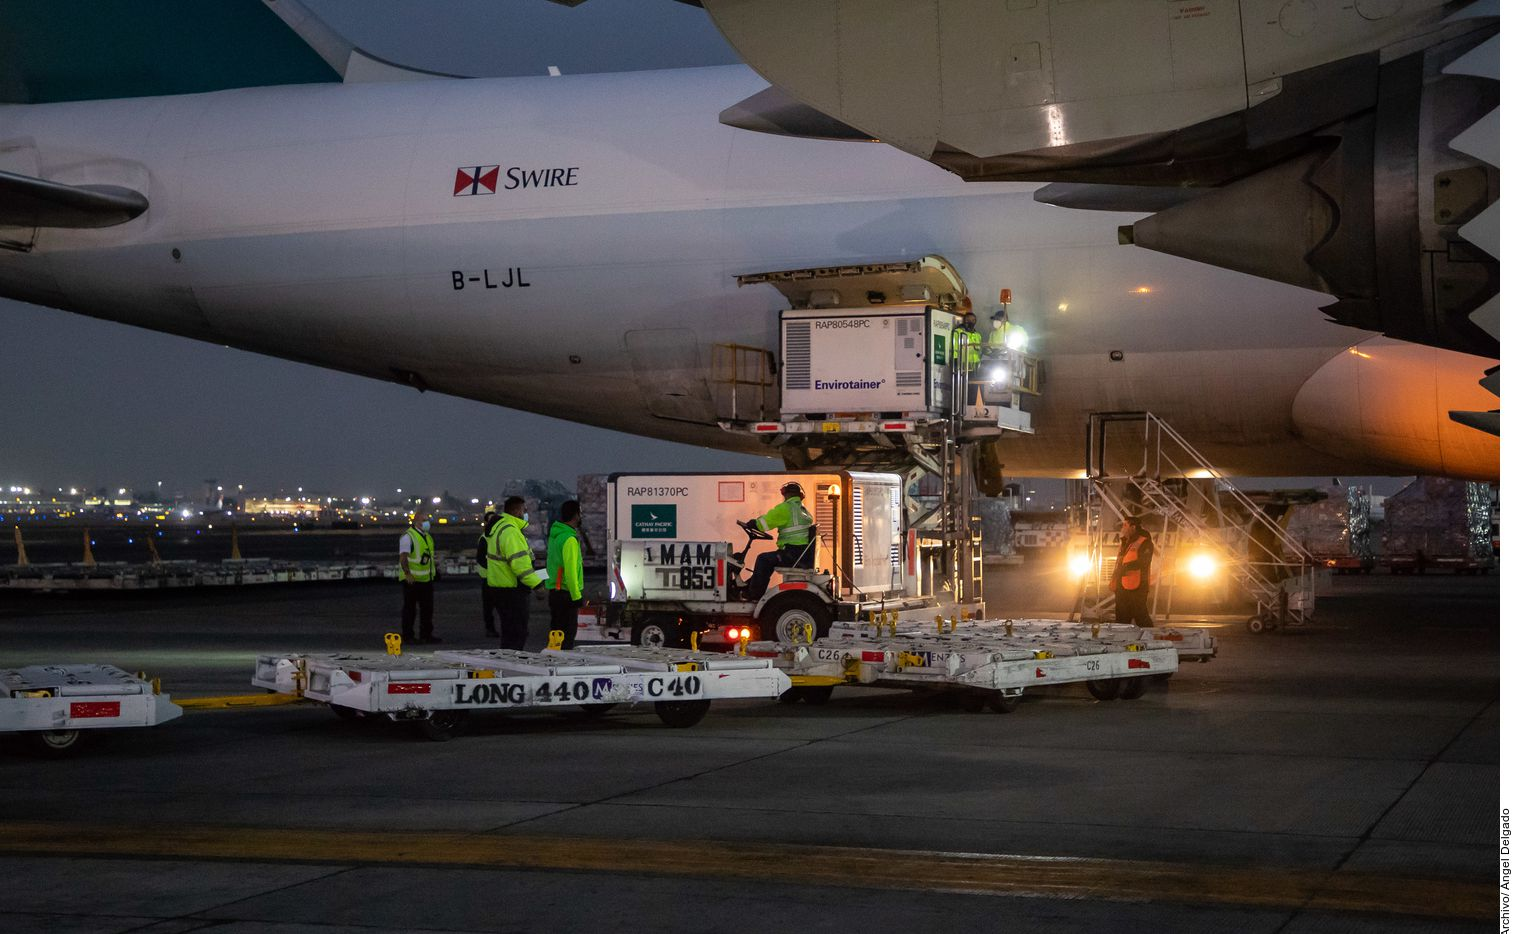 Un millón de dosis de la vacuna de Sinovac contra el Covid-19 arribaron el 17 de marzo al Aeropuerto Internacional de la Ciudad de México provenientes de China.